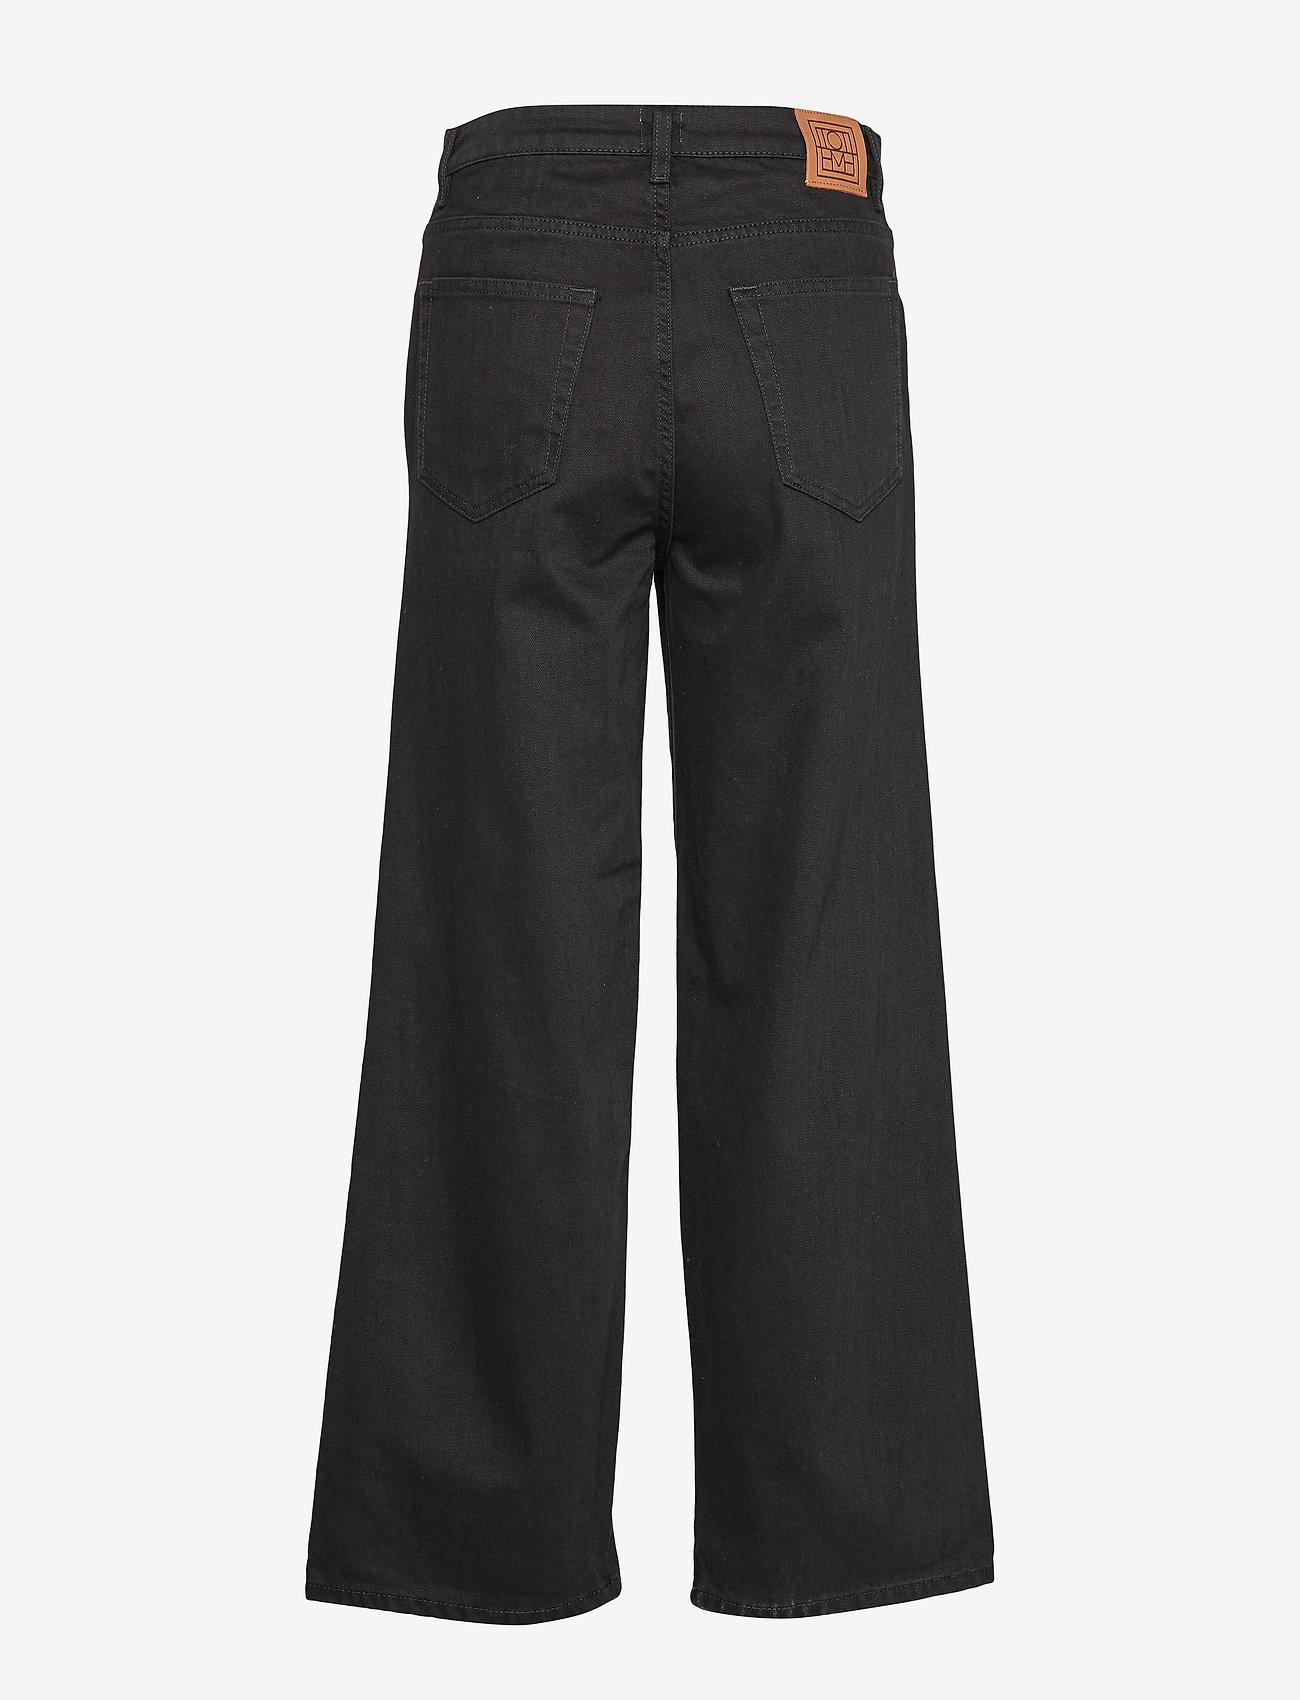 Totême - FLAIR DENIM - szerokie dżinsy - black rinse 290 - 1